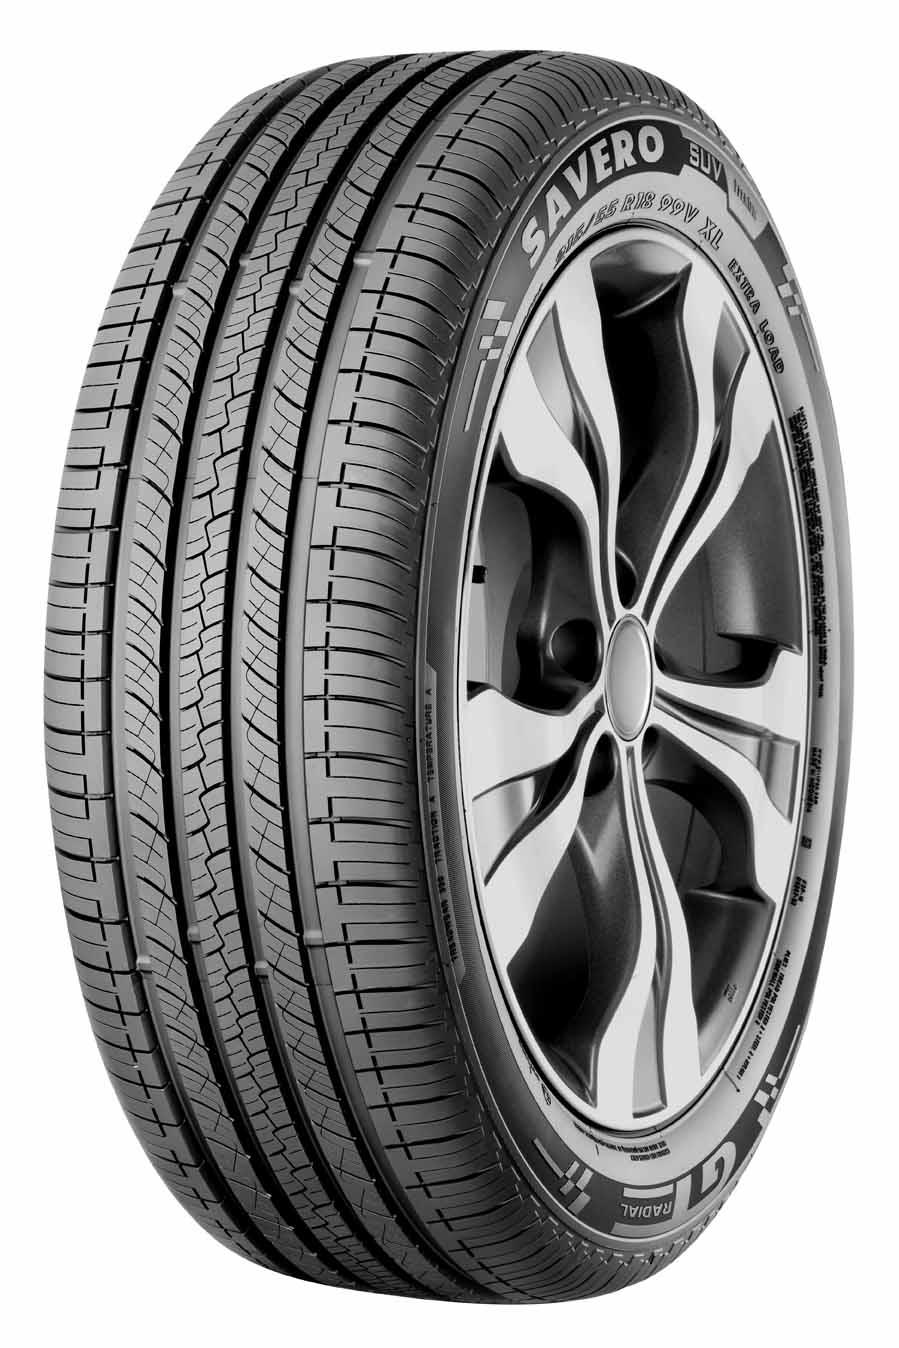 Шины для легковых автомобилей GT Radial 215/60R 17 96 (710 кг) H (до 210 км/ч) шины для легковых автомобилей nexen 215 60r 17 96 710 кг h до 210 км ч